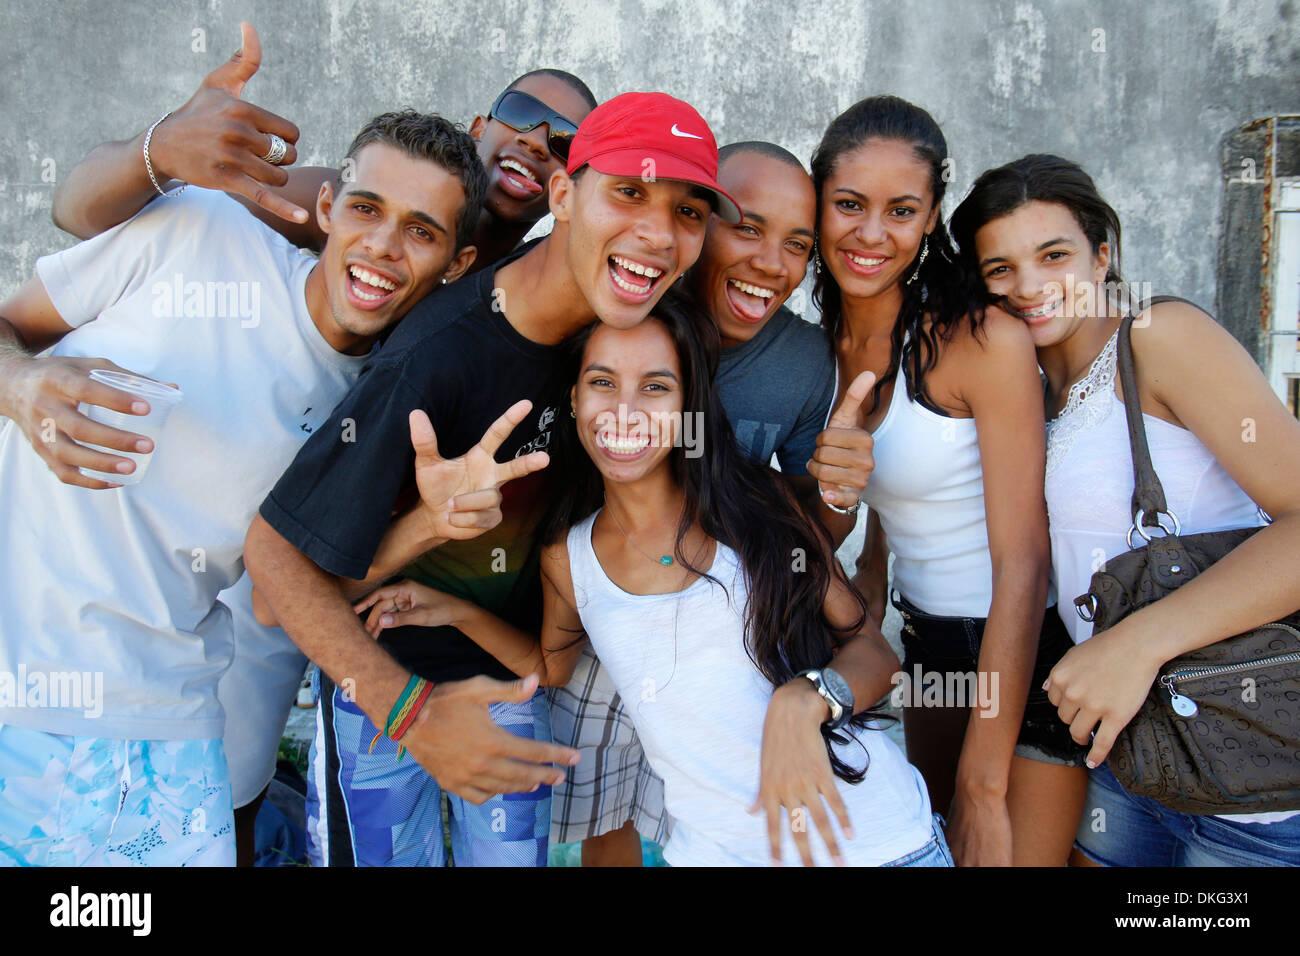 Brazilian youth, Salvador, Bahia, Brazil, South America - Stock Image